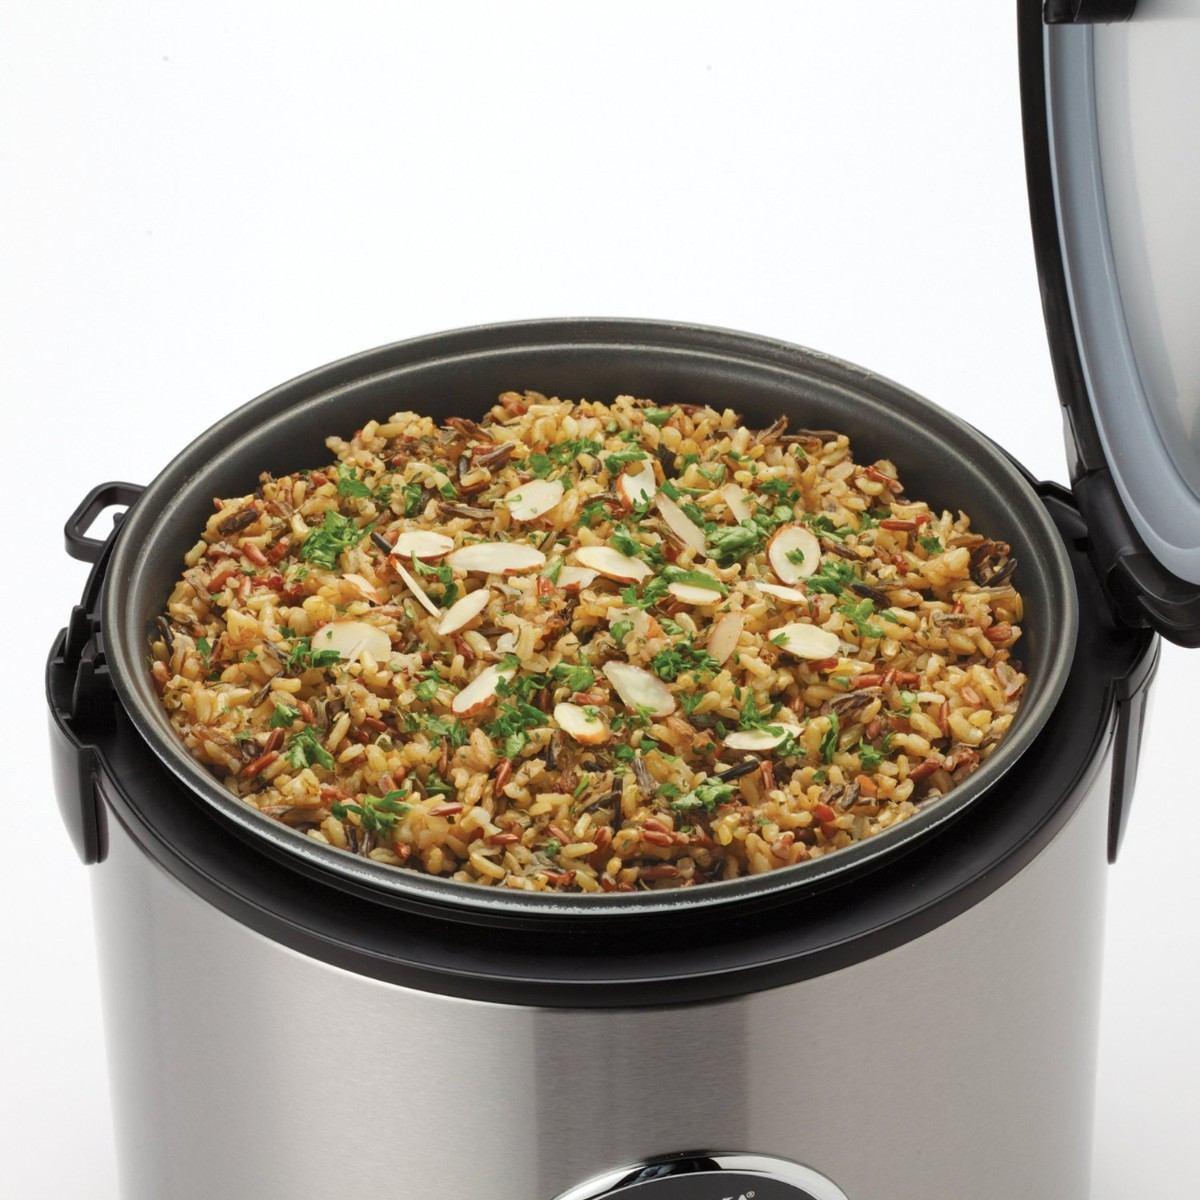 Olla digital vaporera arrocera alimentos aroma arc 150sb maa 1 en mercado libre - Vaporera profesional ...